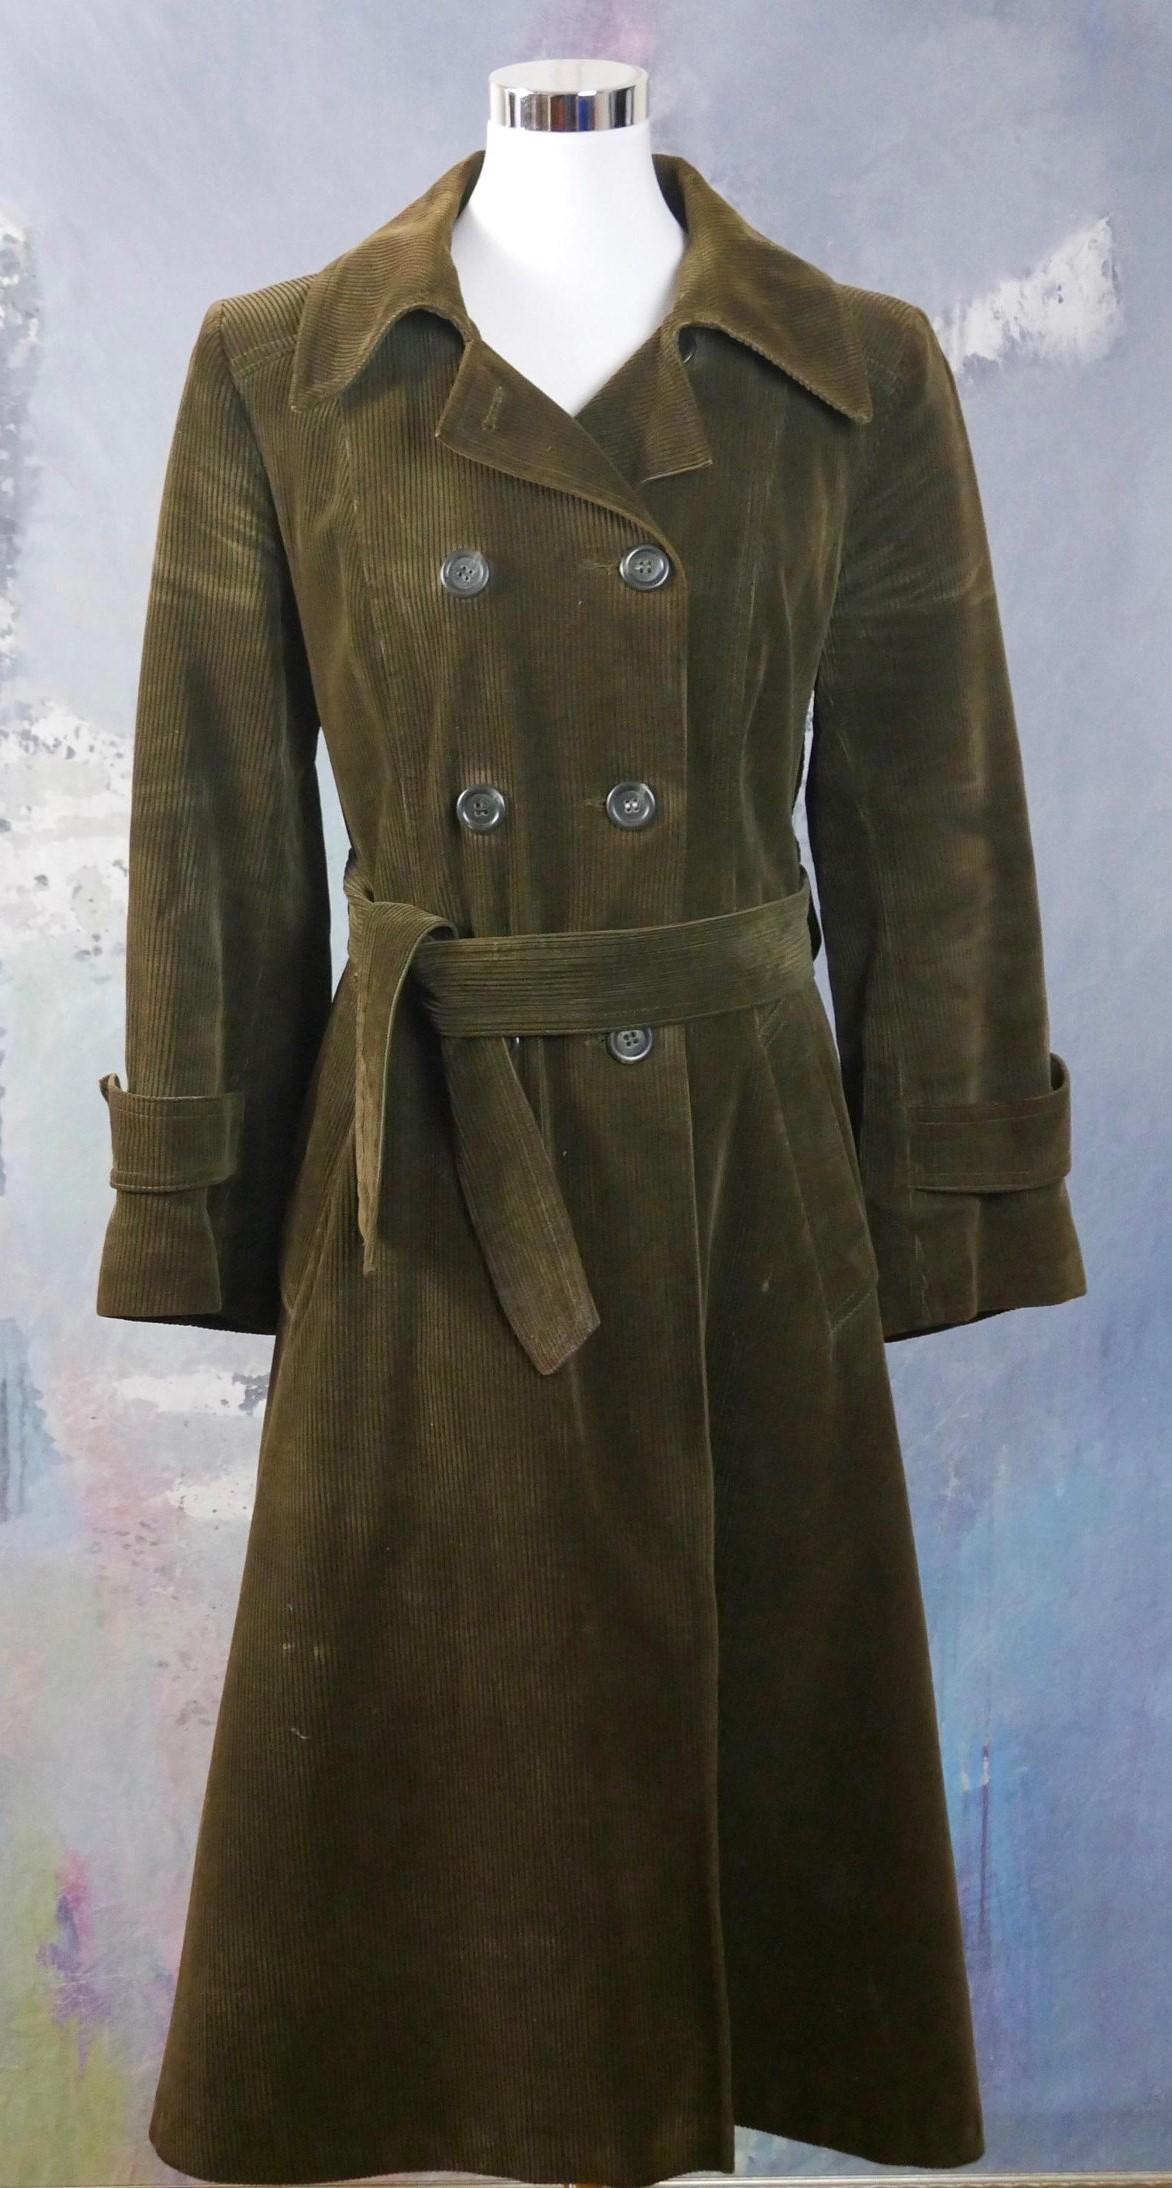 Brown corduroy winter coat